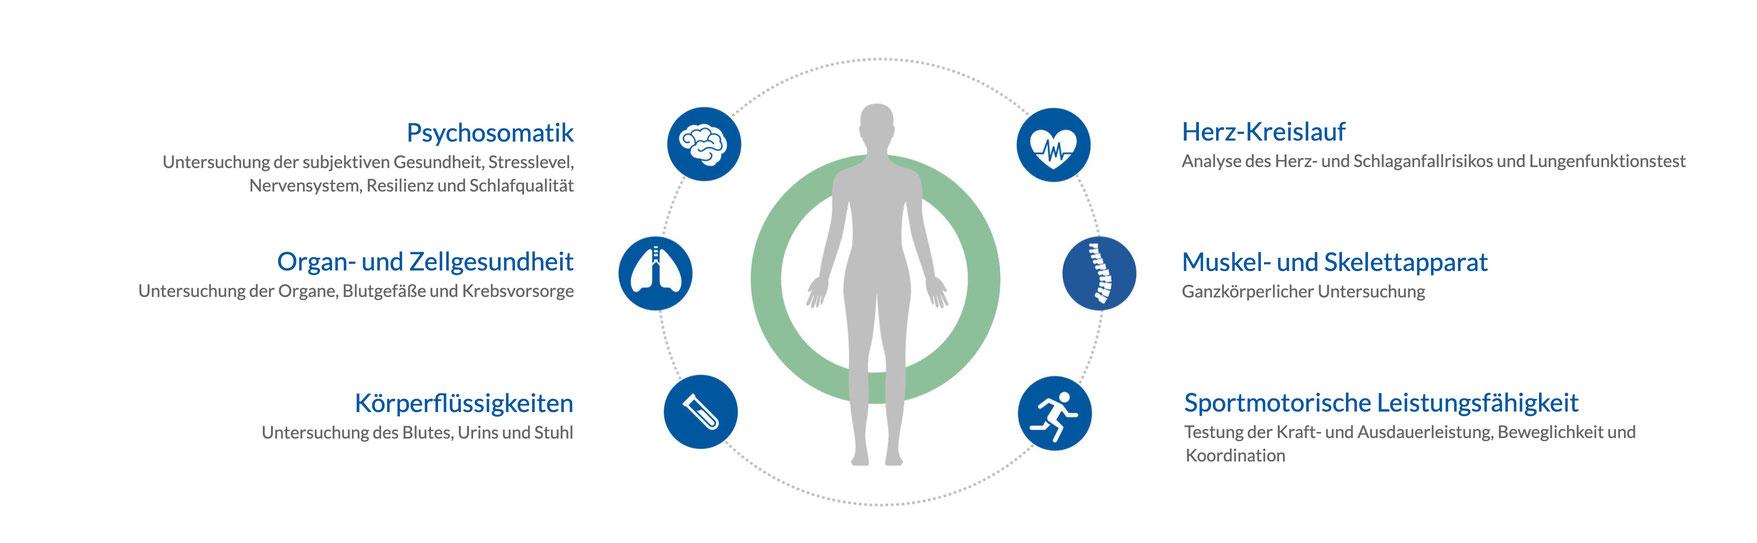 Ganzheitliche Gesundheitsvorsorge in der betrieblichen Gesundheitsförderung